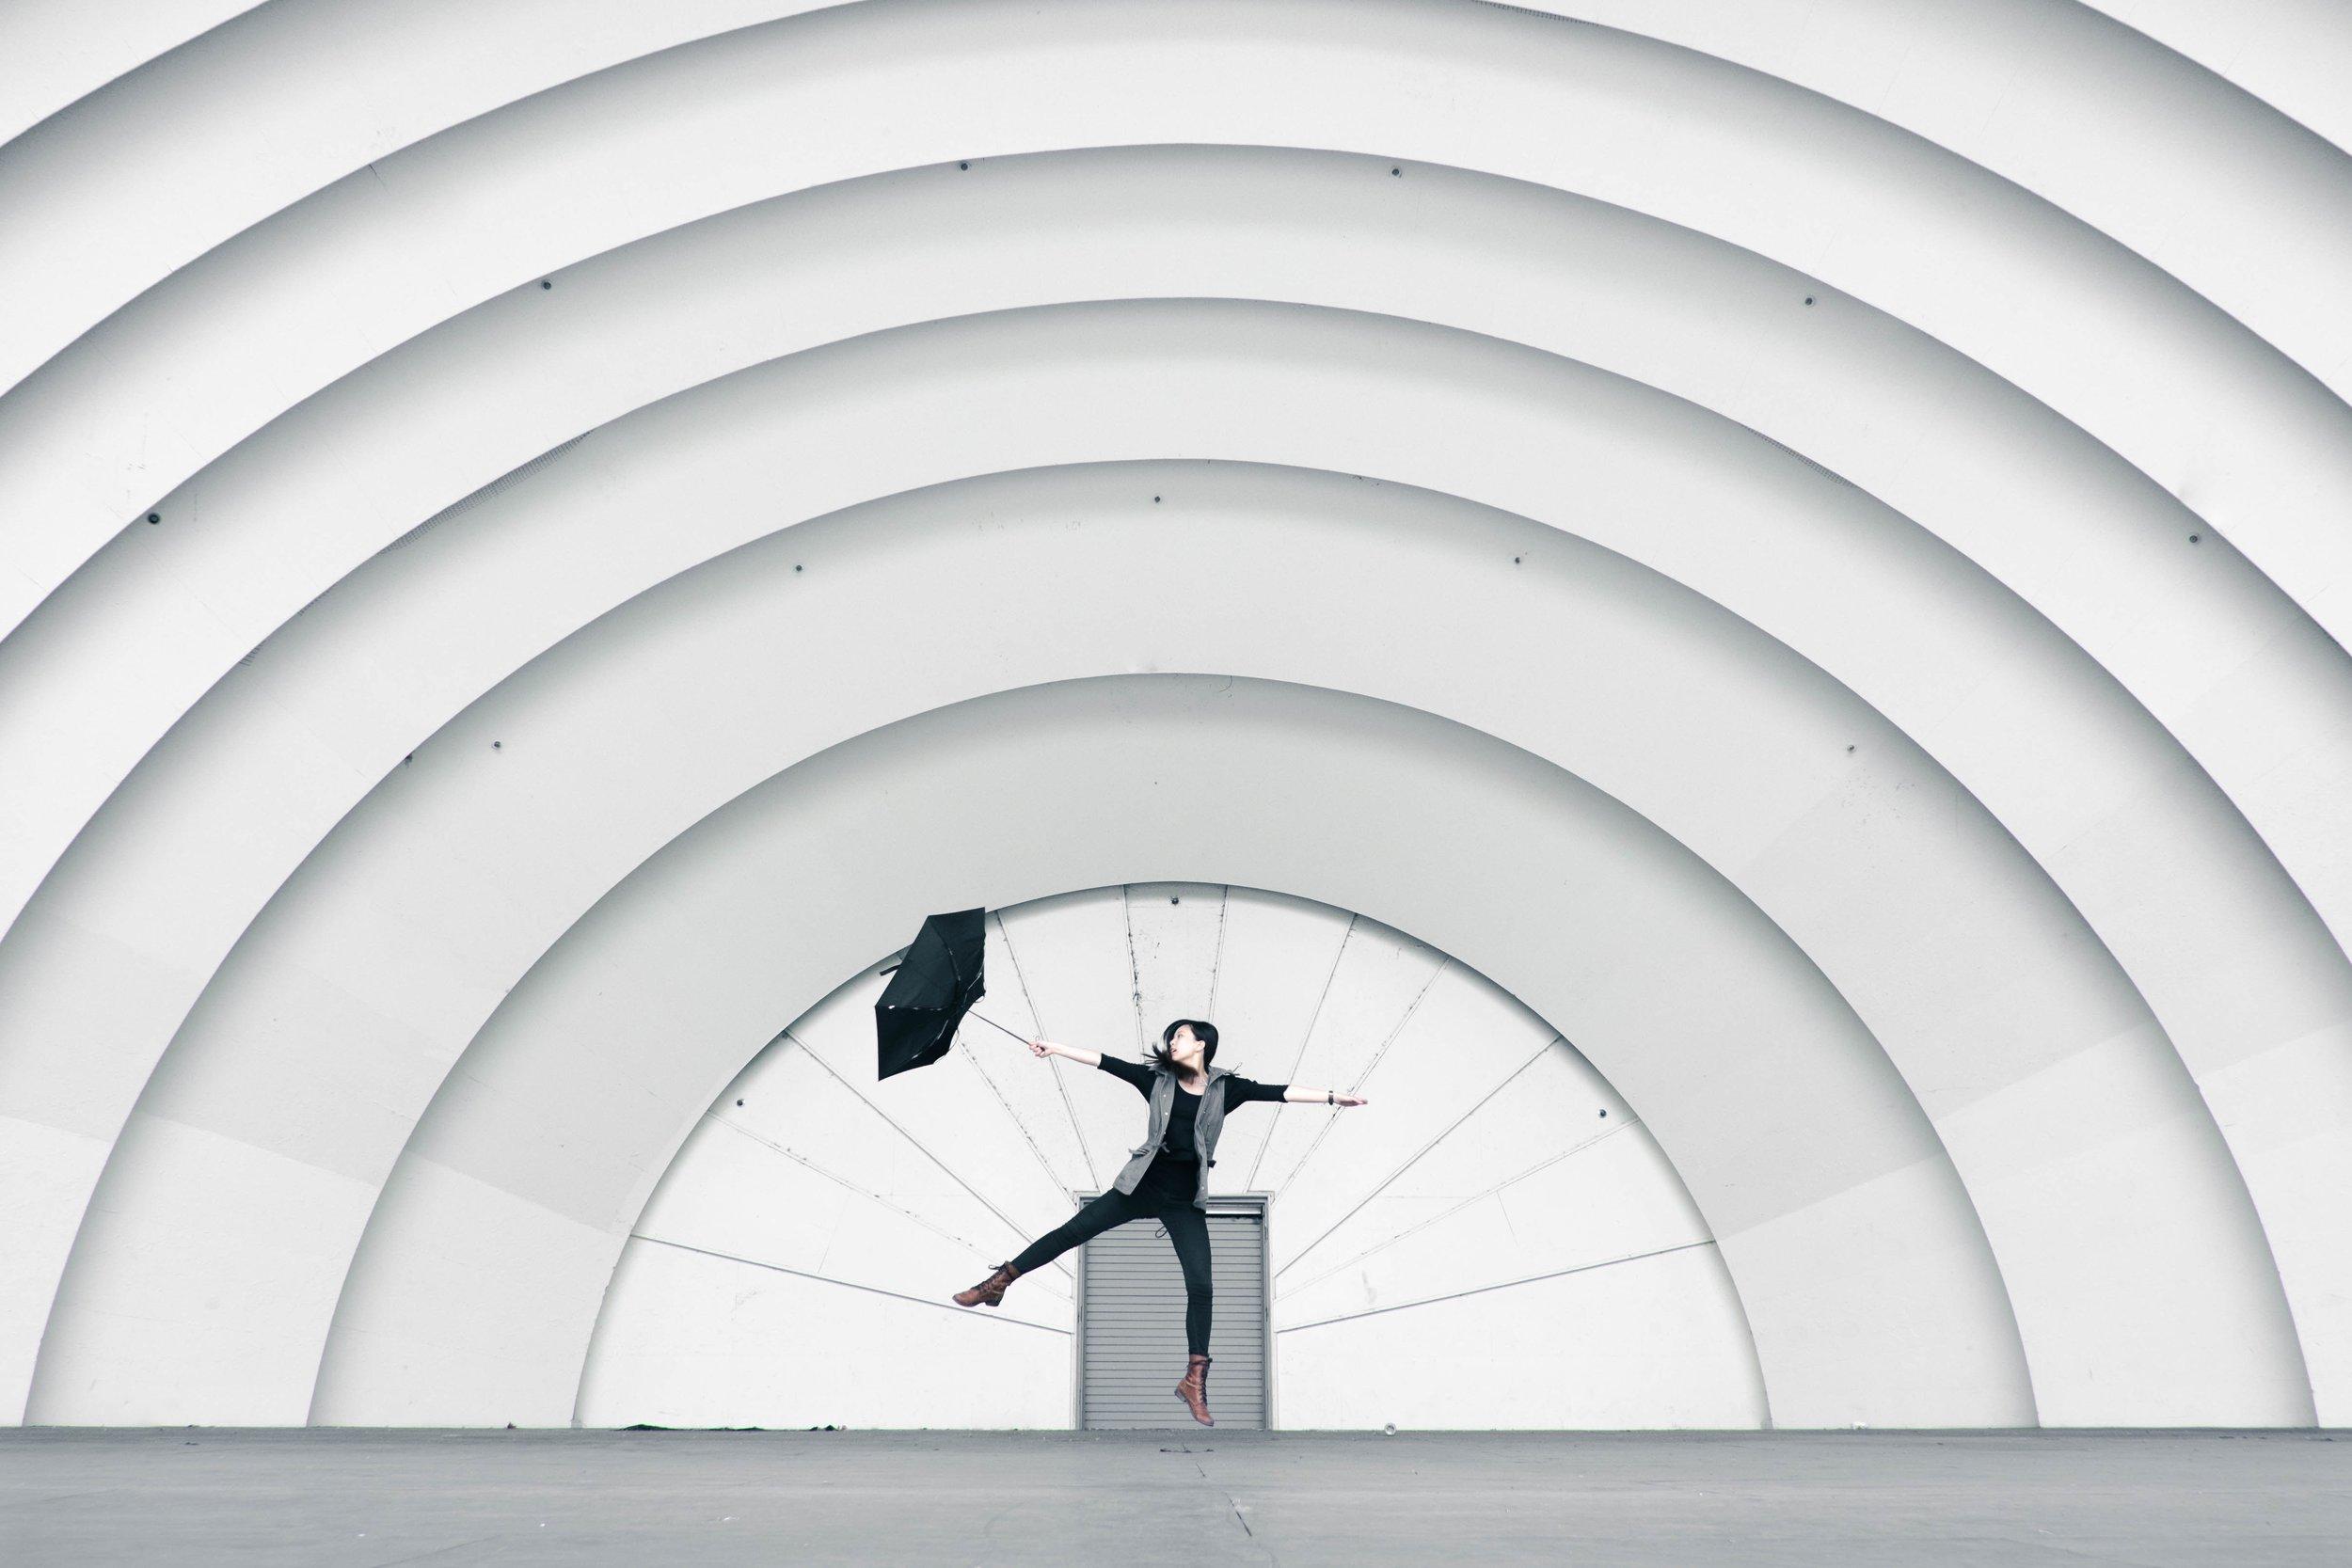 Photo by  Verne Ho on  Unsplash